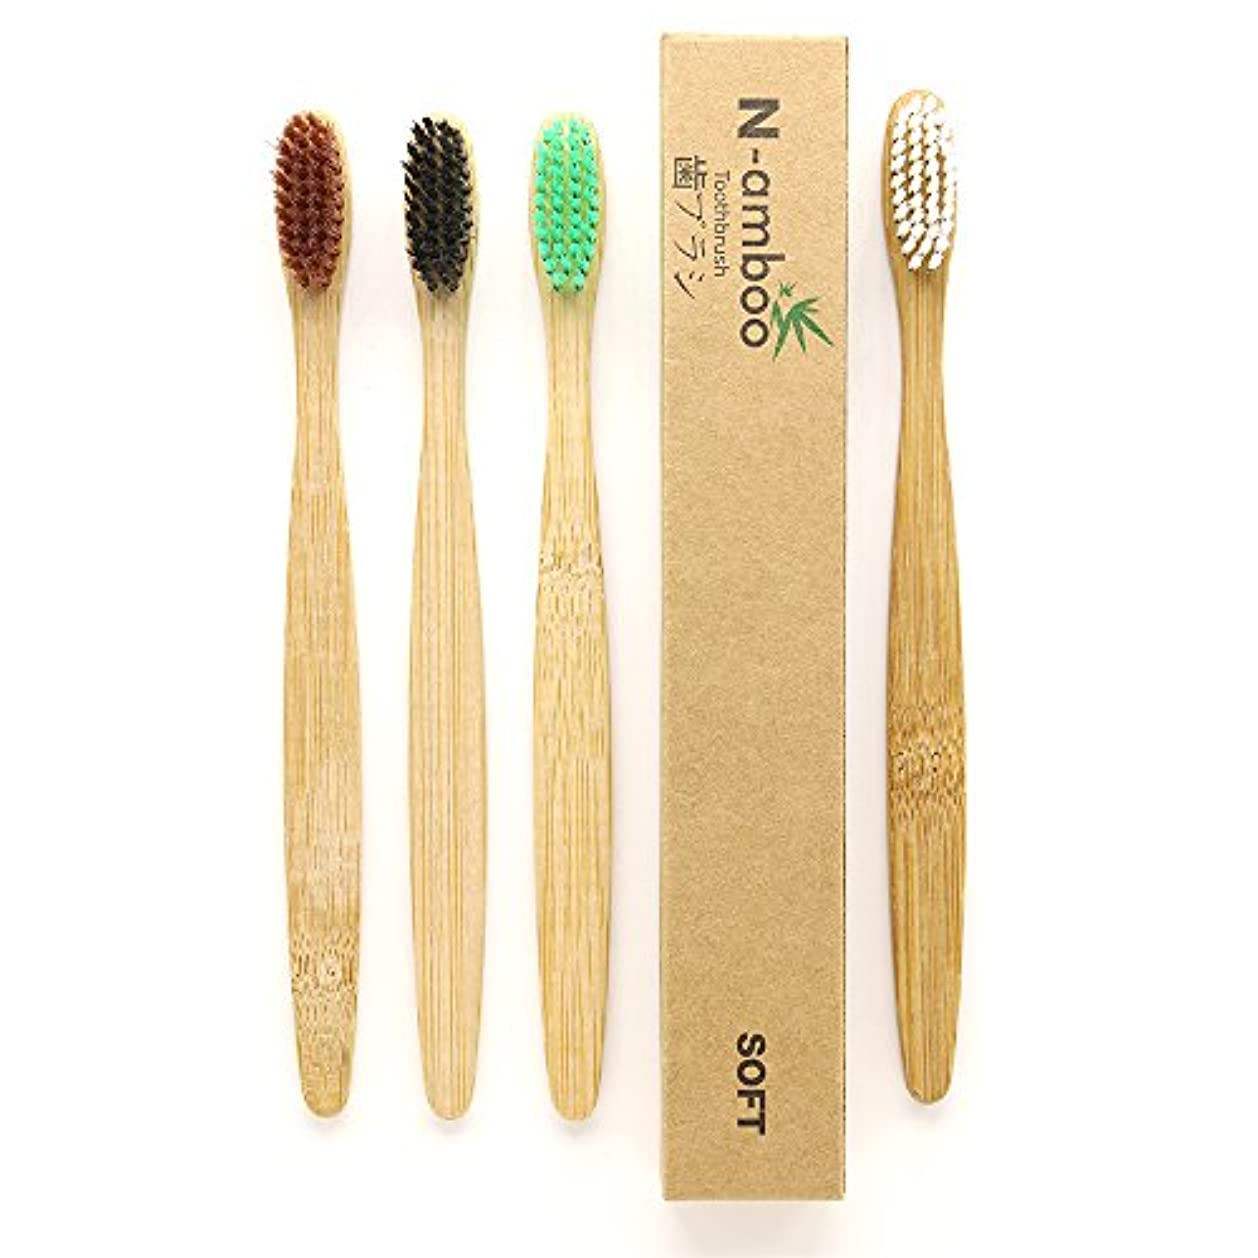 ピッチ便宜窓N-amboo 竹製耐久度高い 歯ブラシ 4本入り(4色各1本)